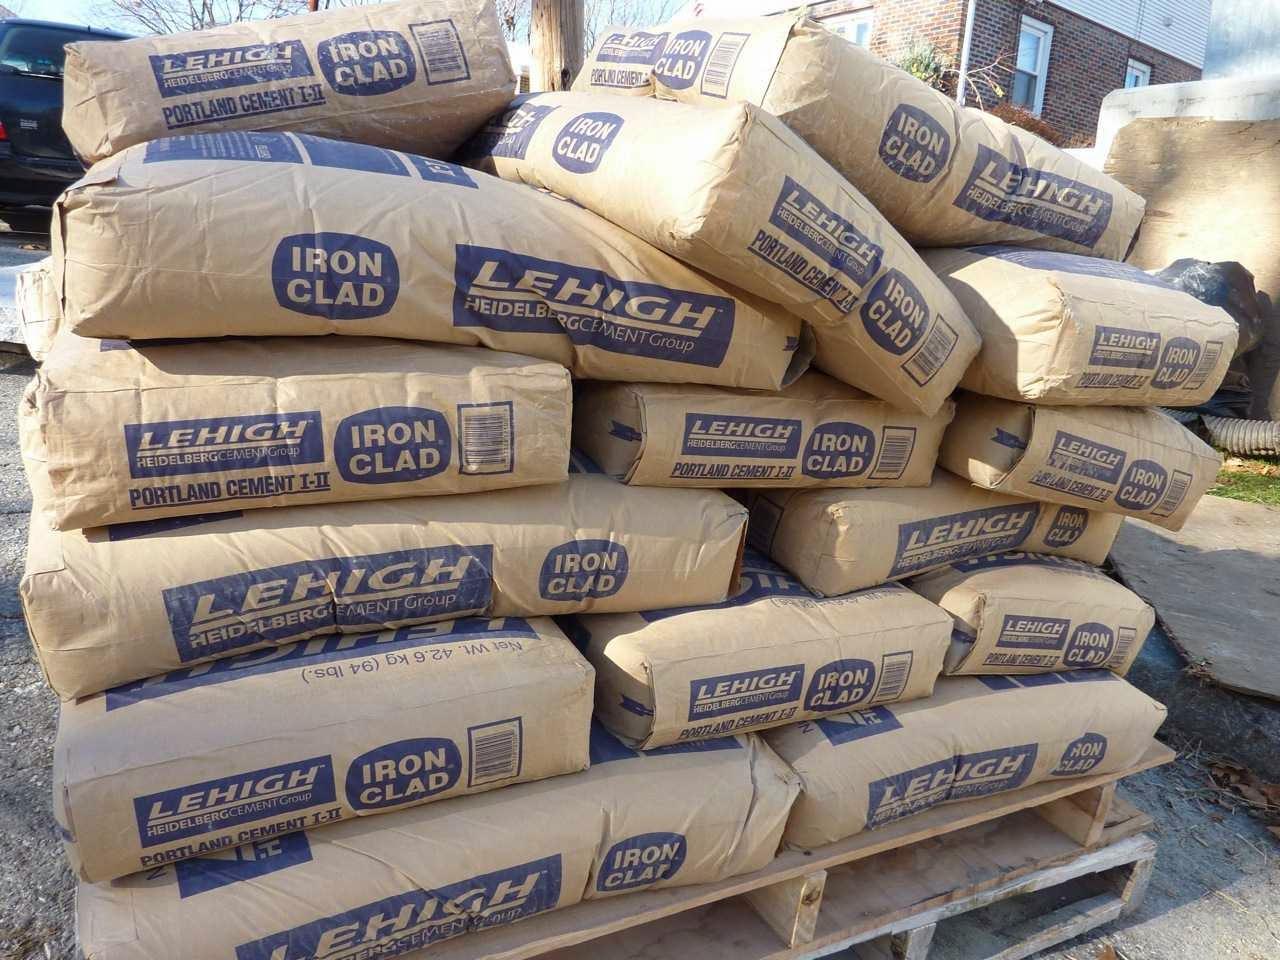 صورة تواصل ارتفاع أسعار الاسمنت اليوم في مصر